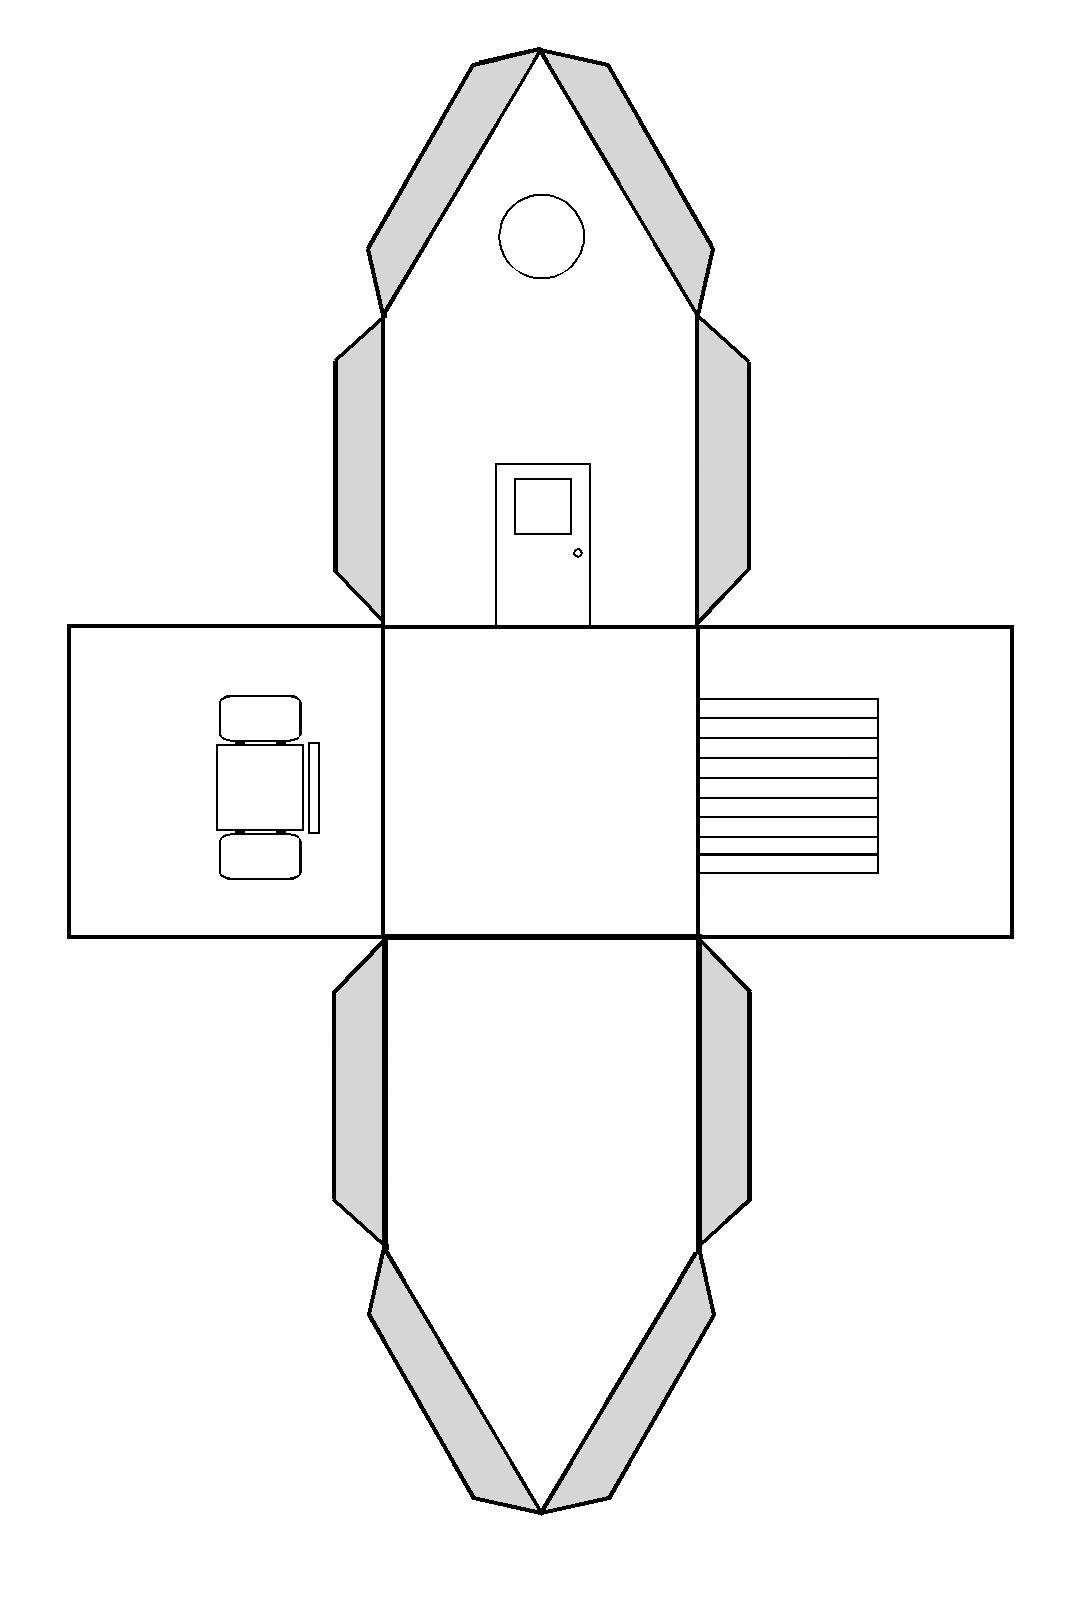 faire une maison en volume par pliage et collage patron modele pinterest pliage collage. Black Bedroom Furniture Sets. Home Design Ideas